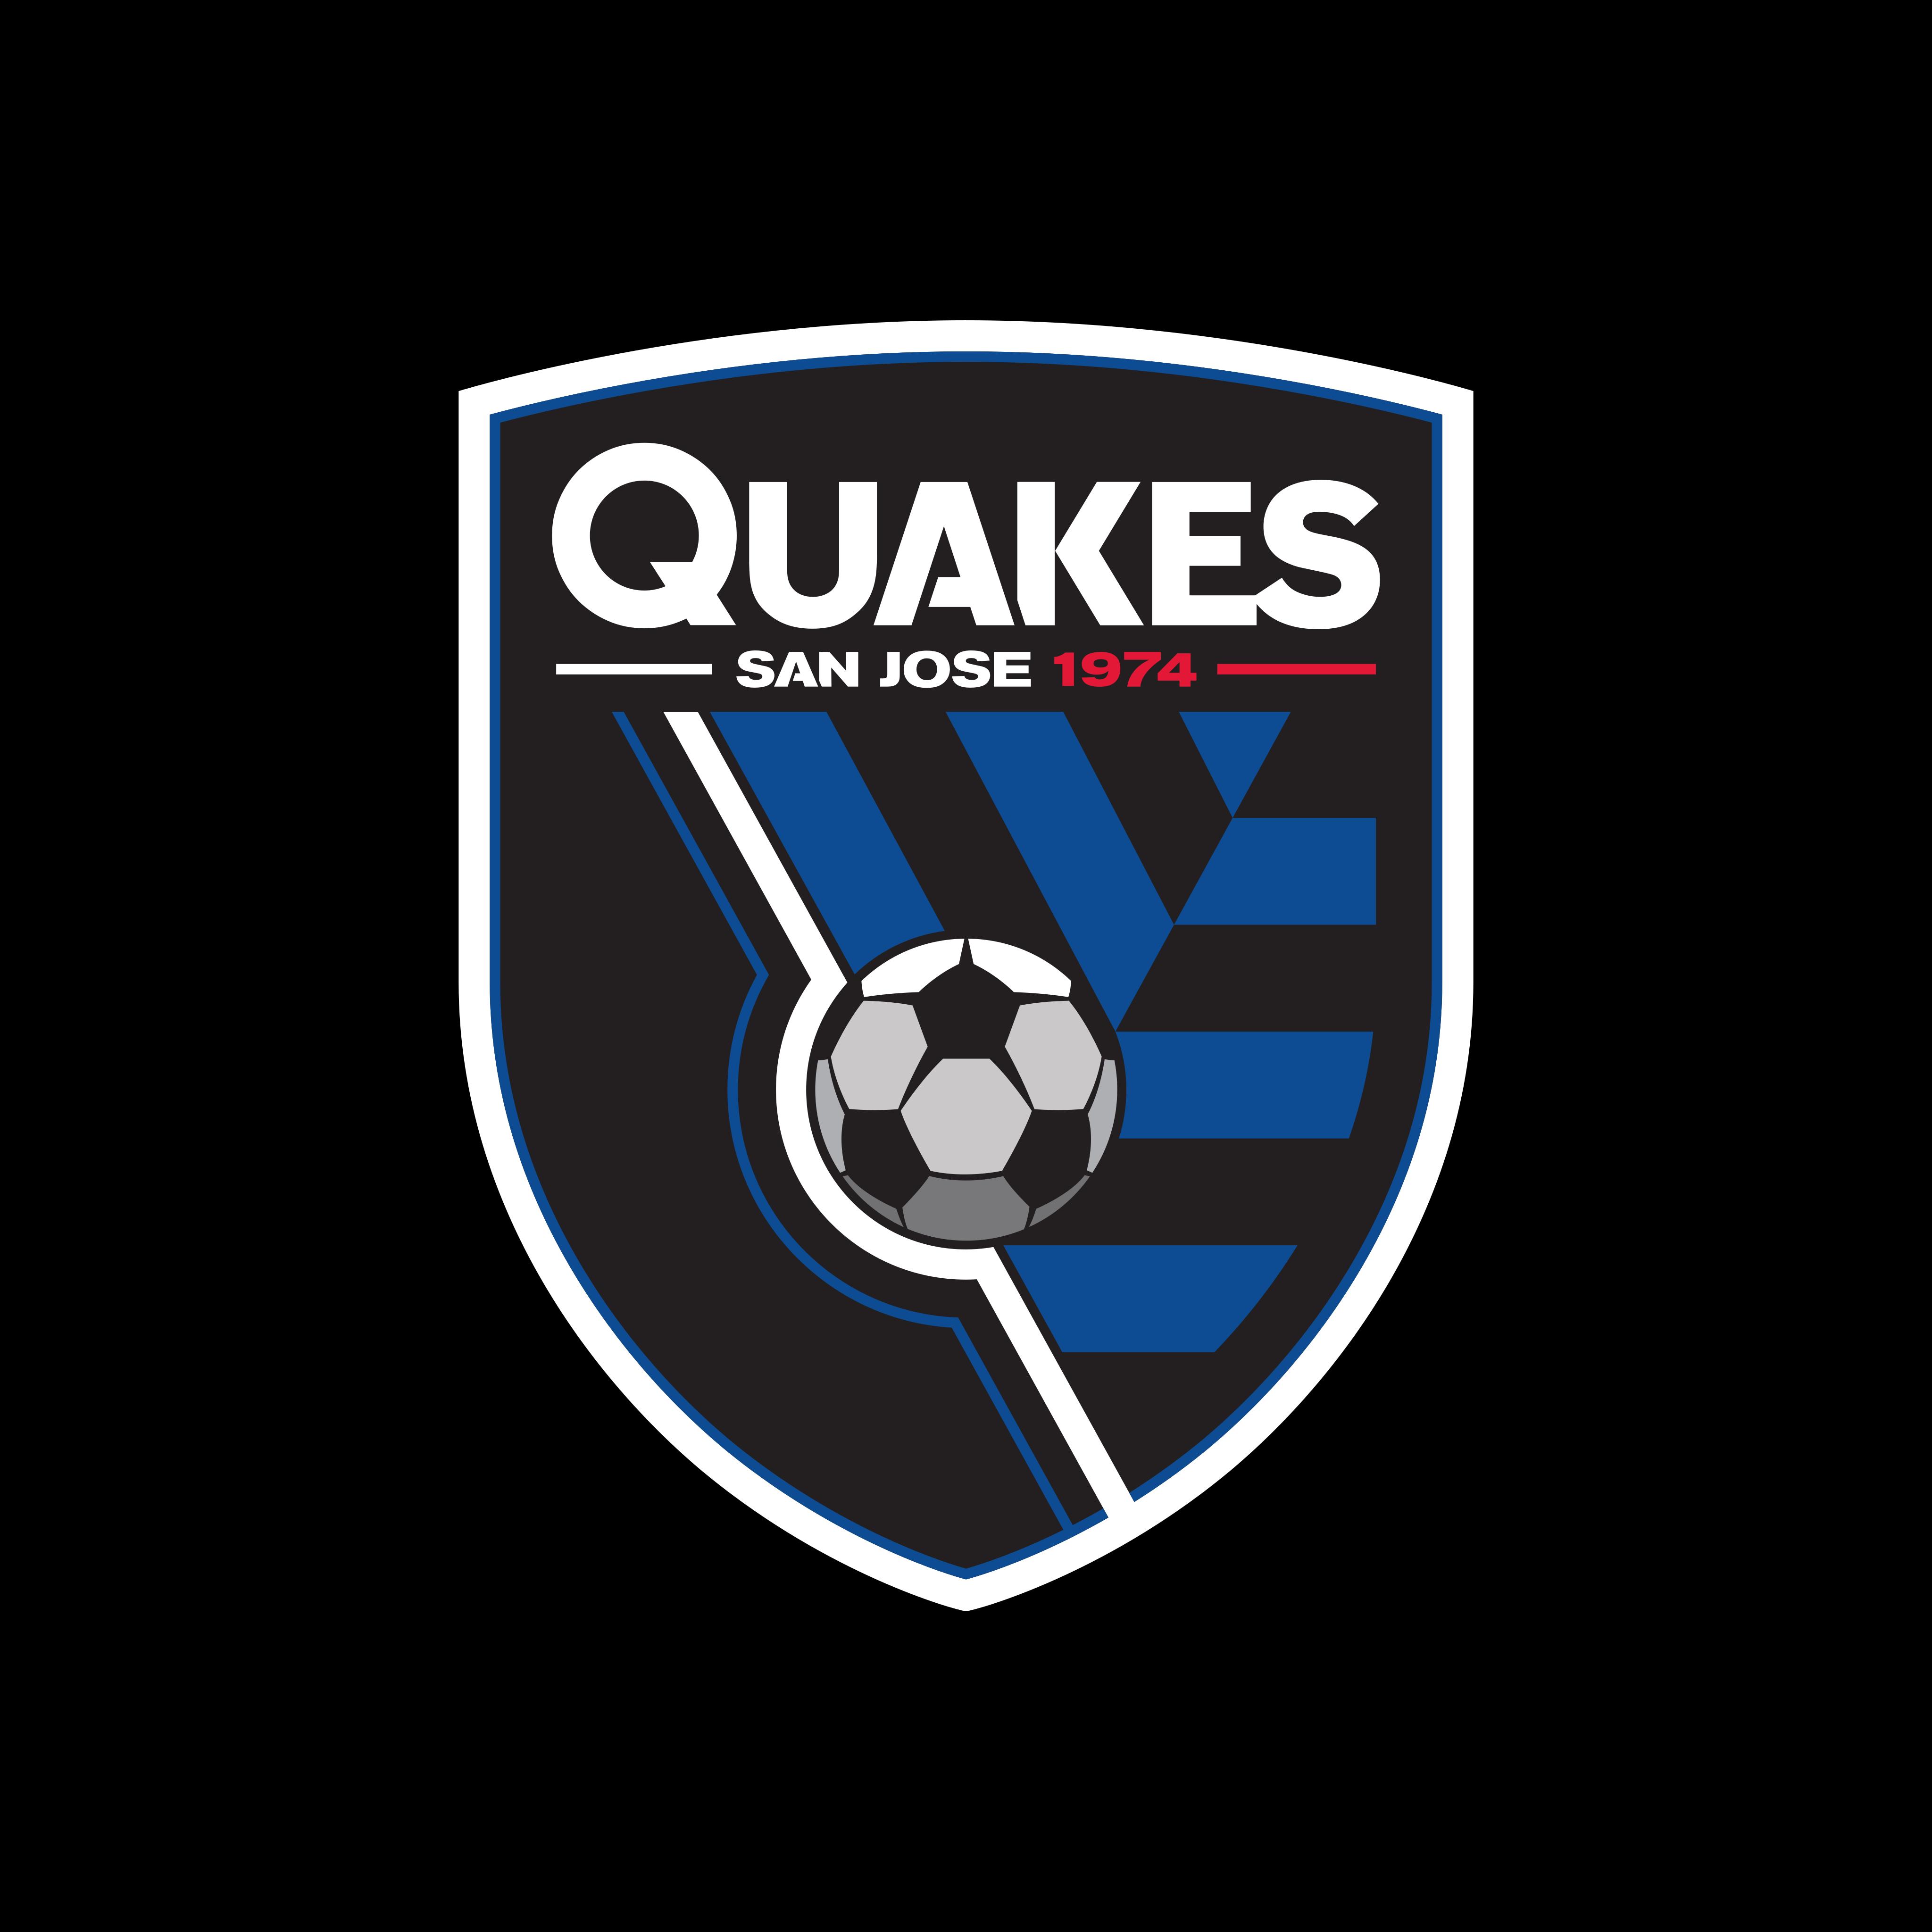 san jose earthquakes logo 0 - San Jose Earthquakes Logo